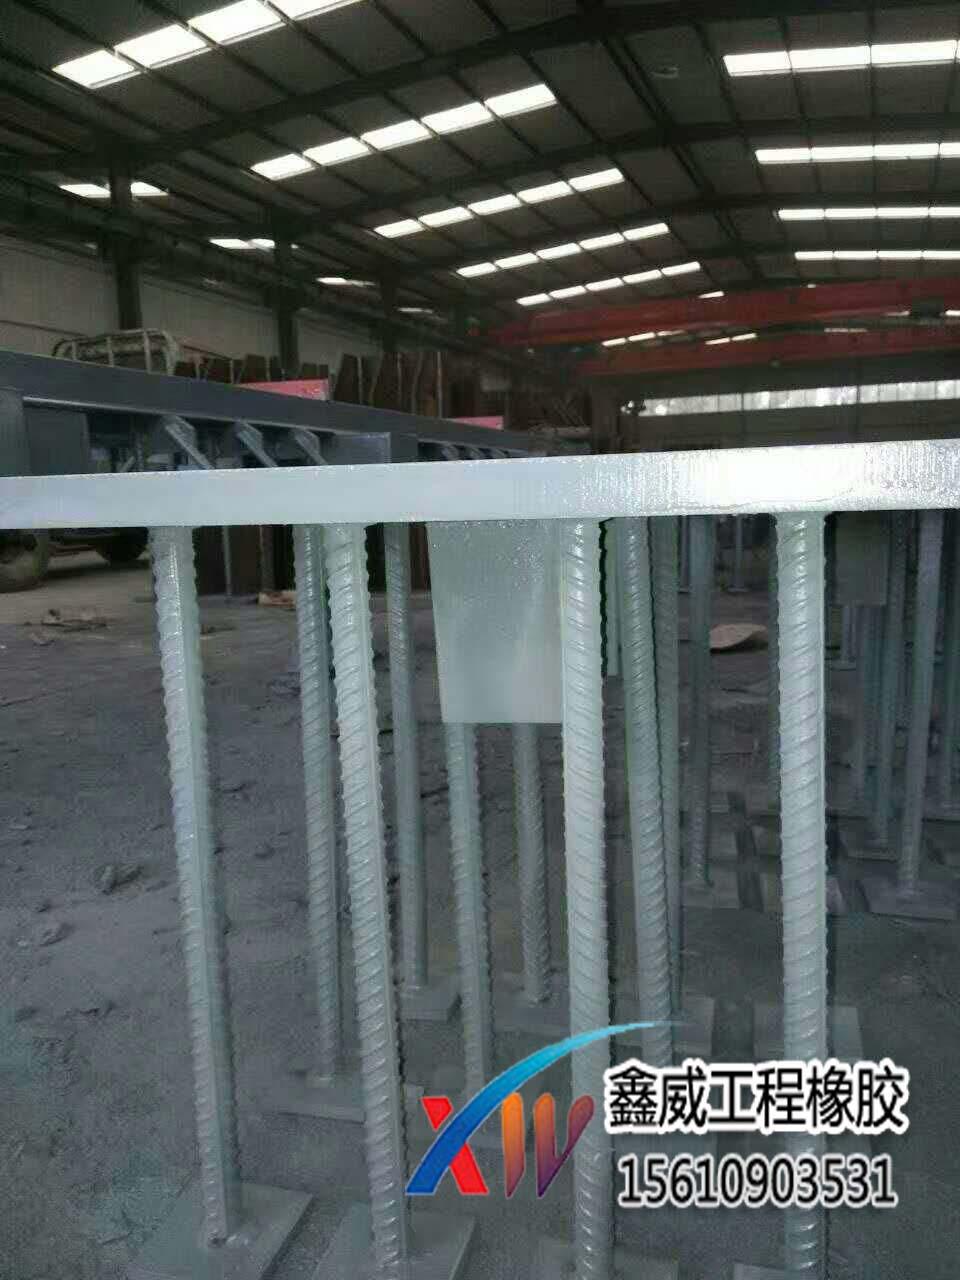 鑫威厂家直销各种尺寸橡胶支座,盆式支座,球型支座